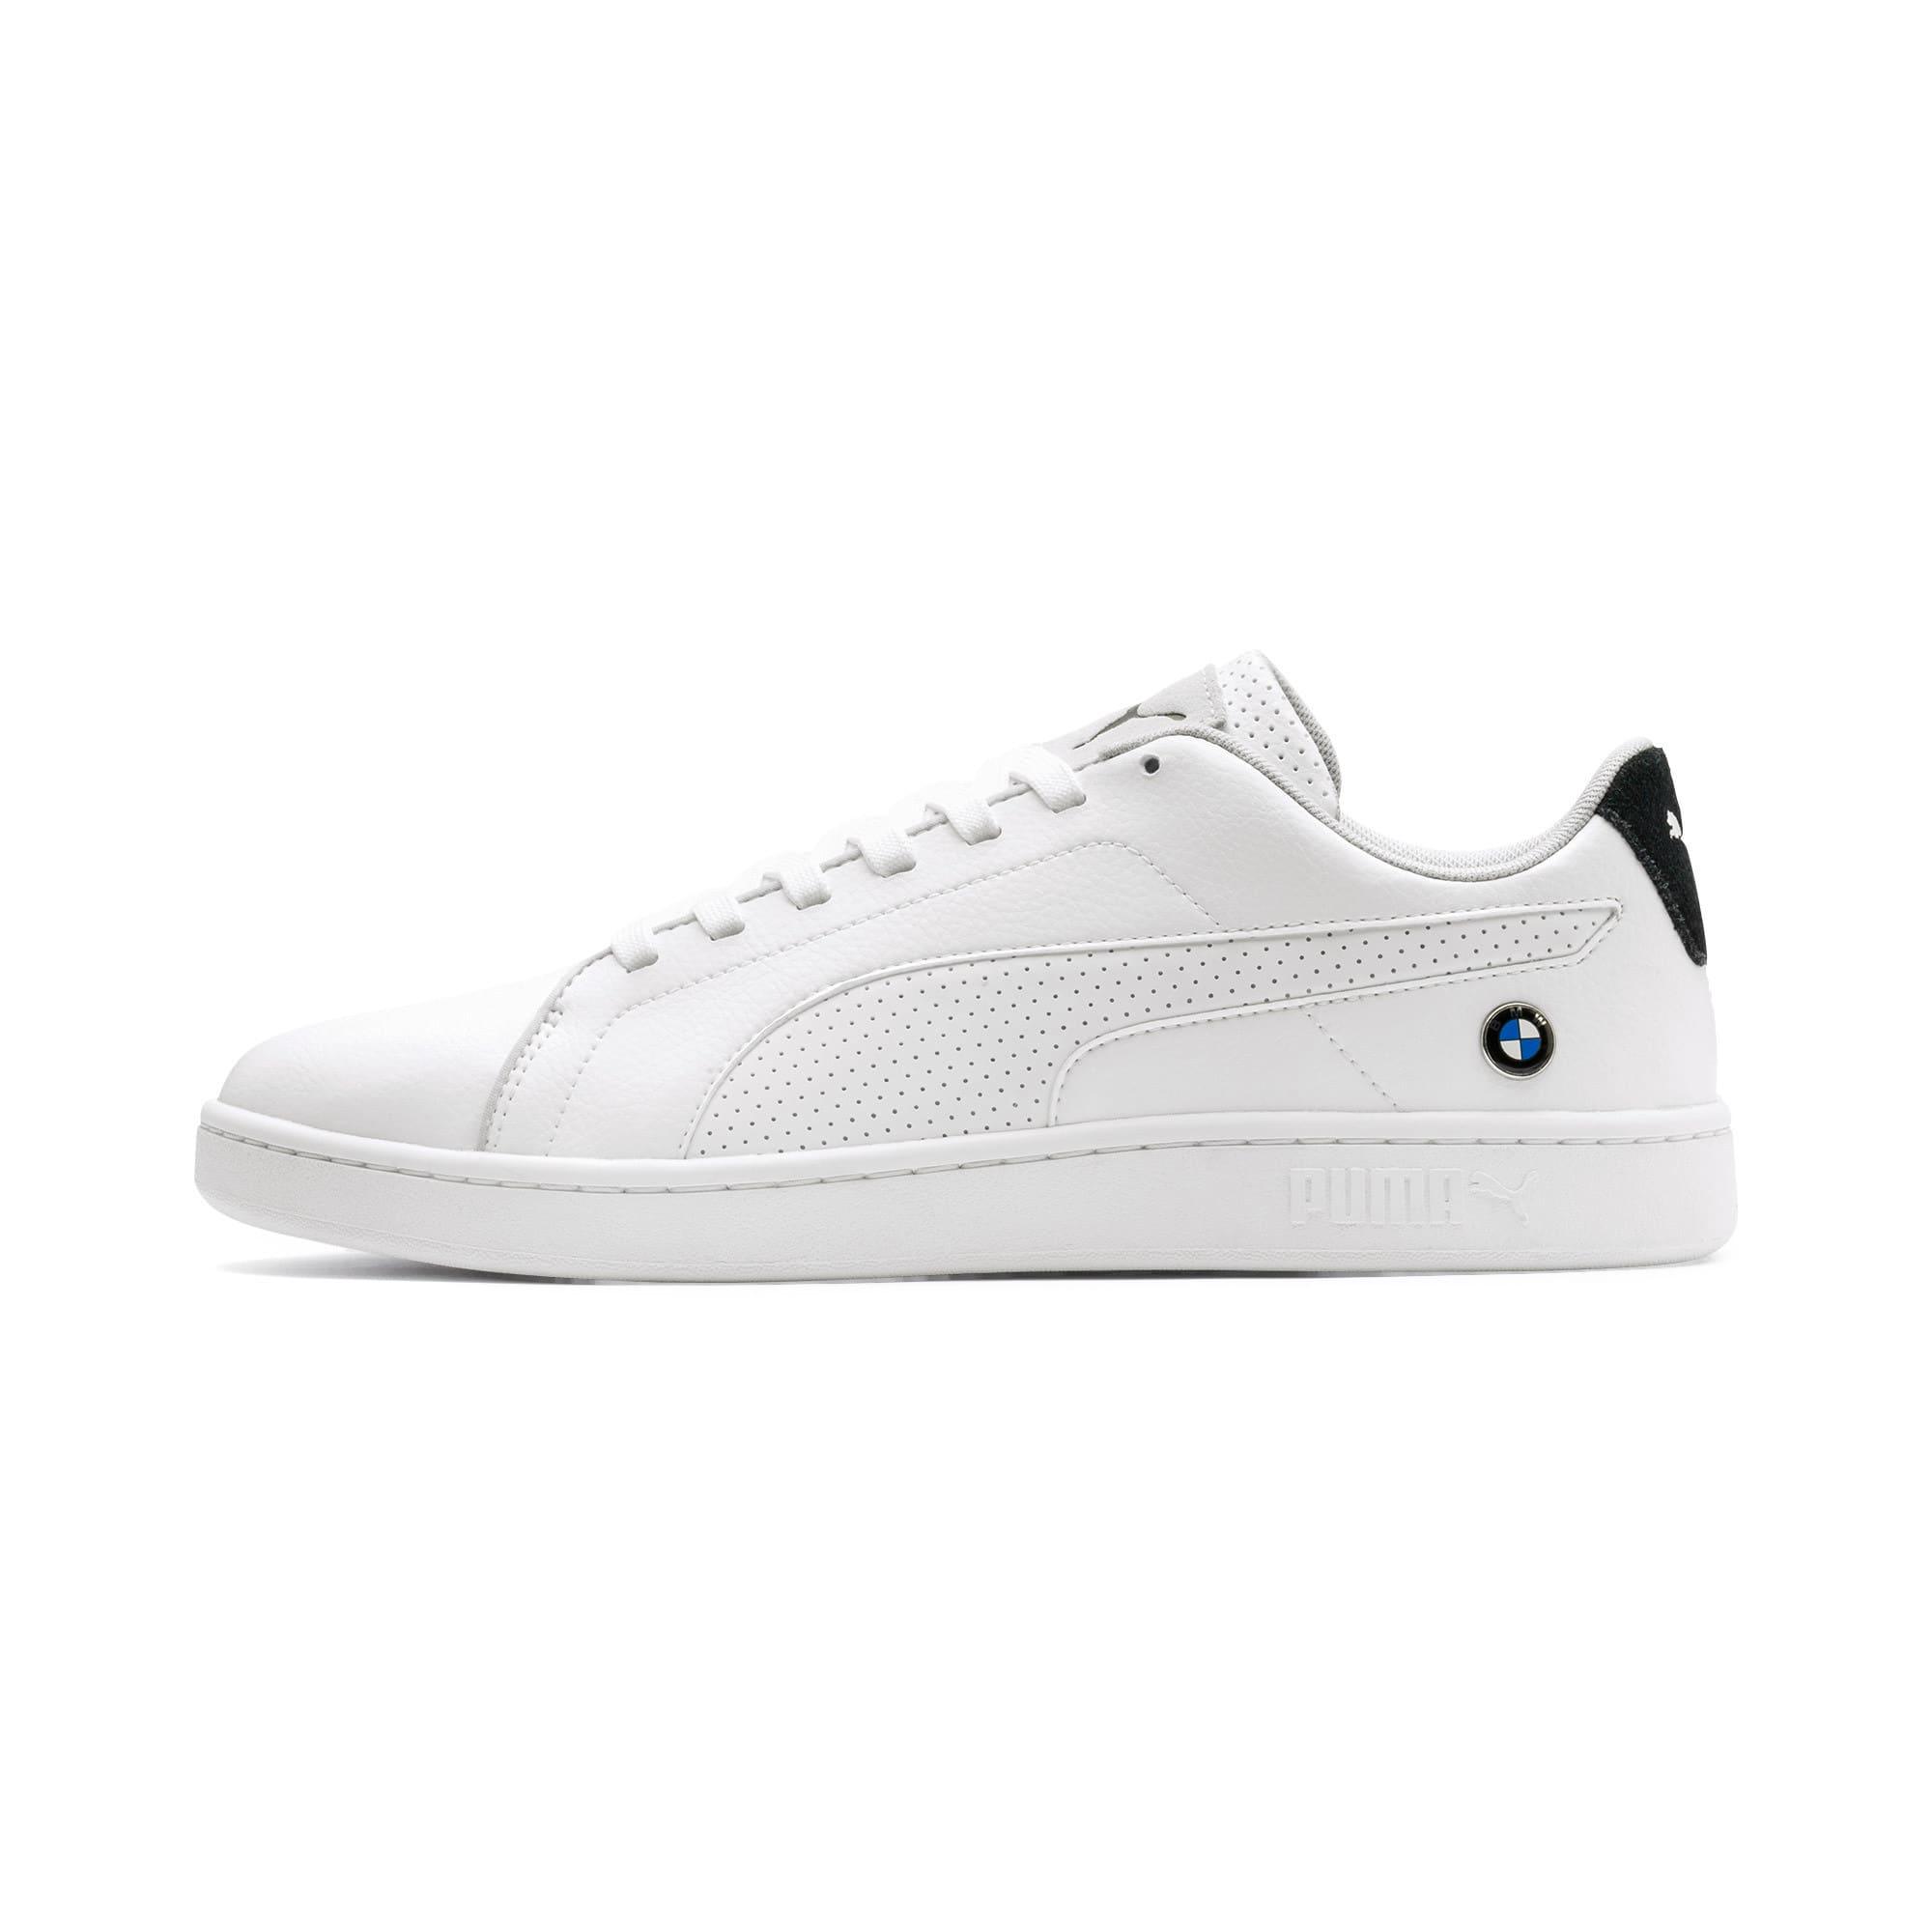 Miniatura 1 de Zapatos deportivos BMW M Motorsport Smash v2, Puma White-Puma White, mediano